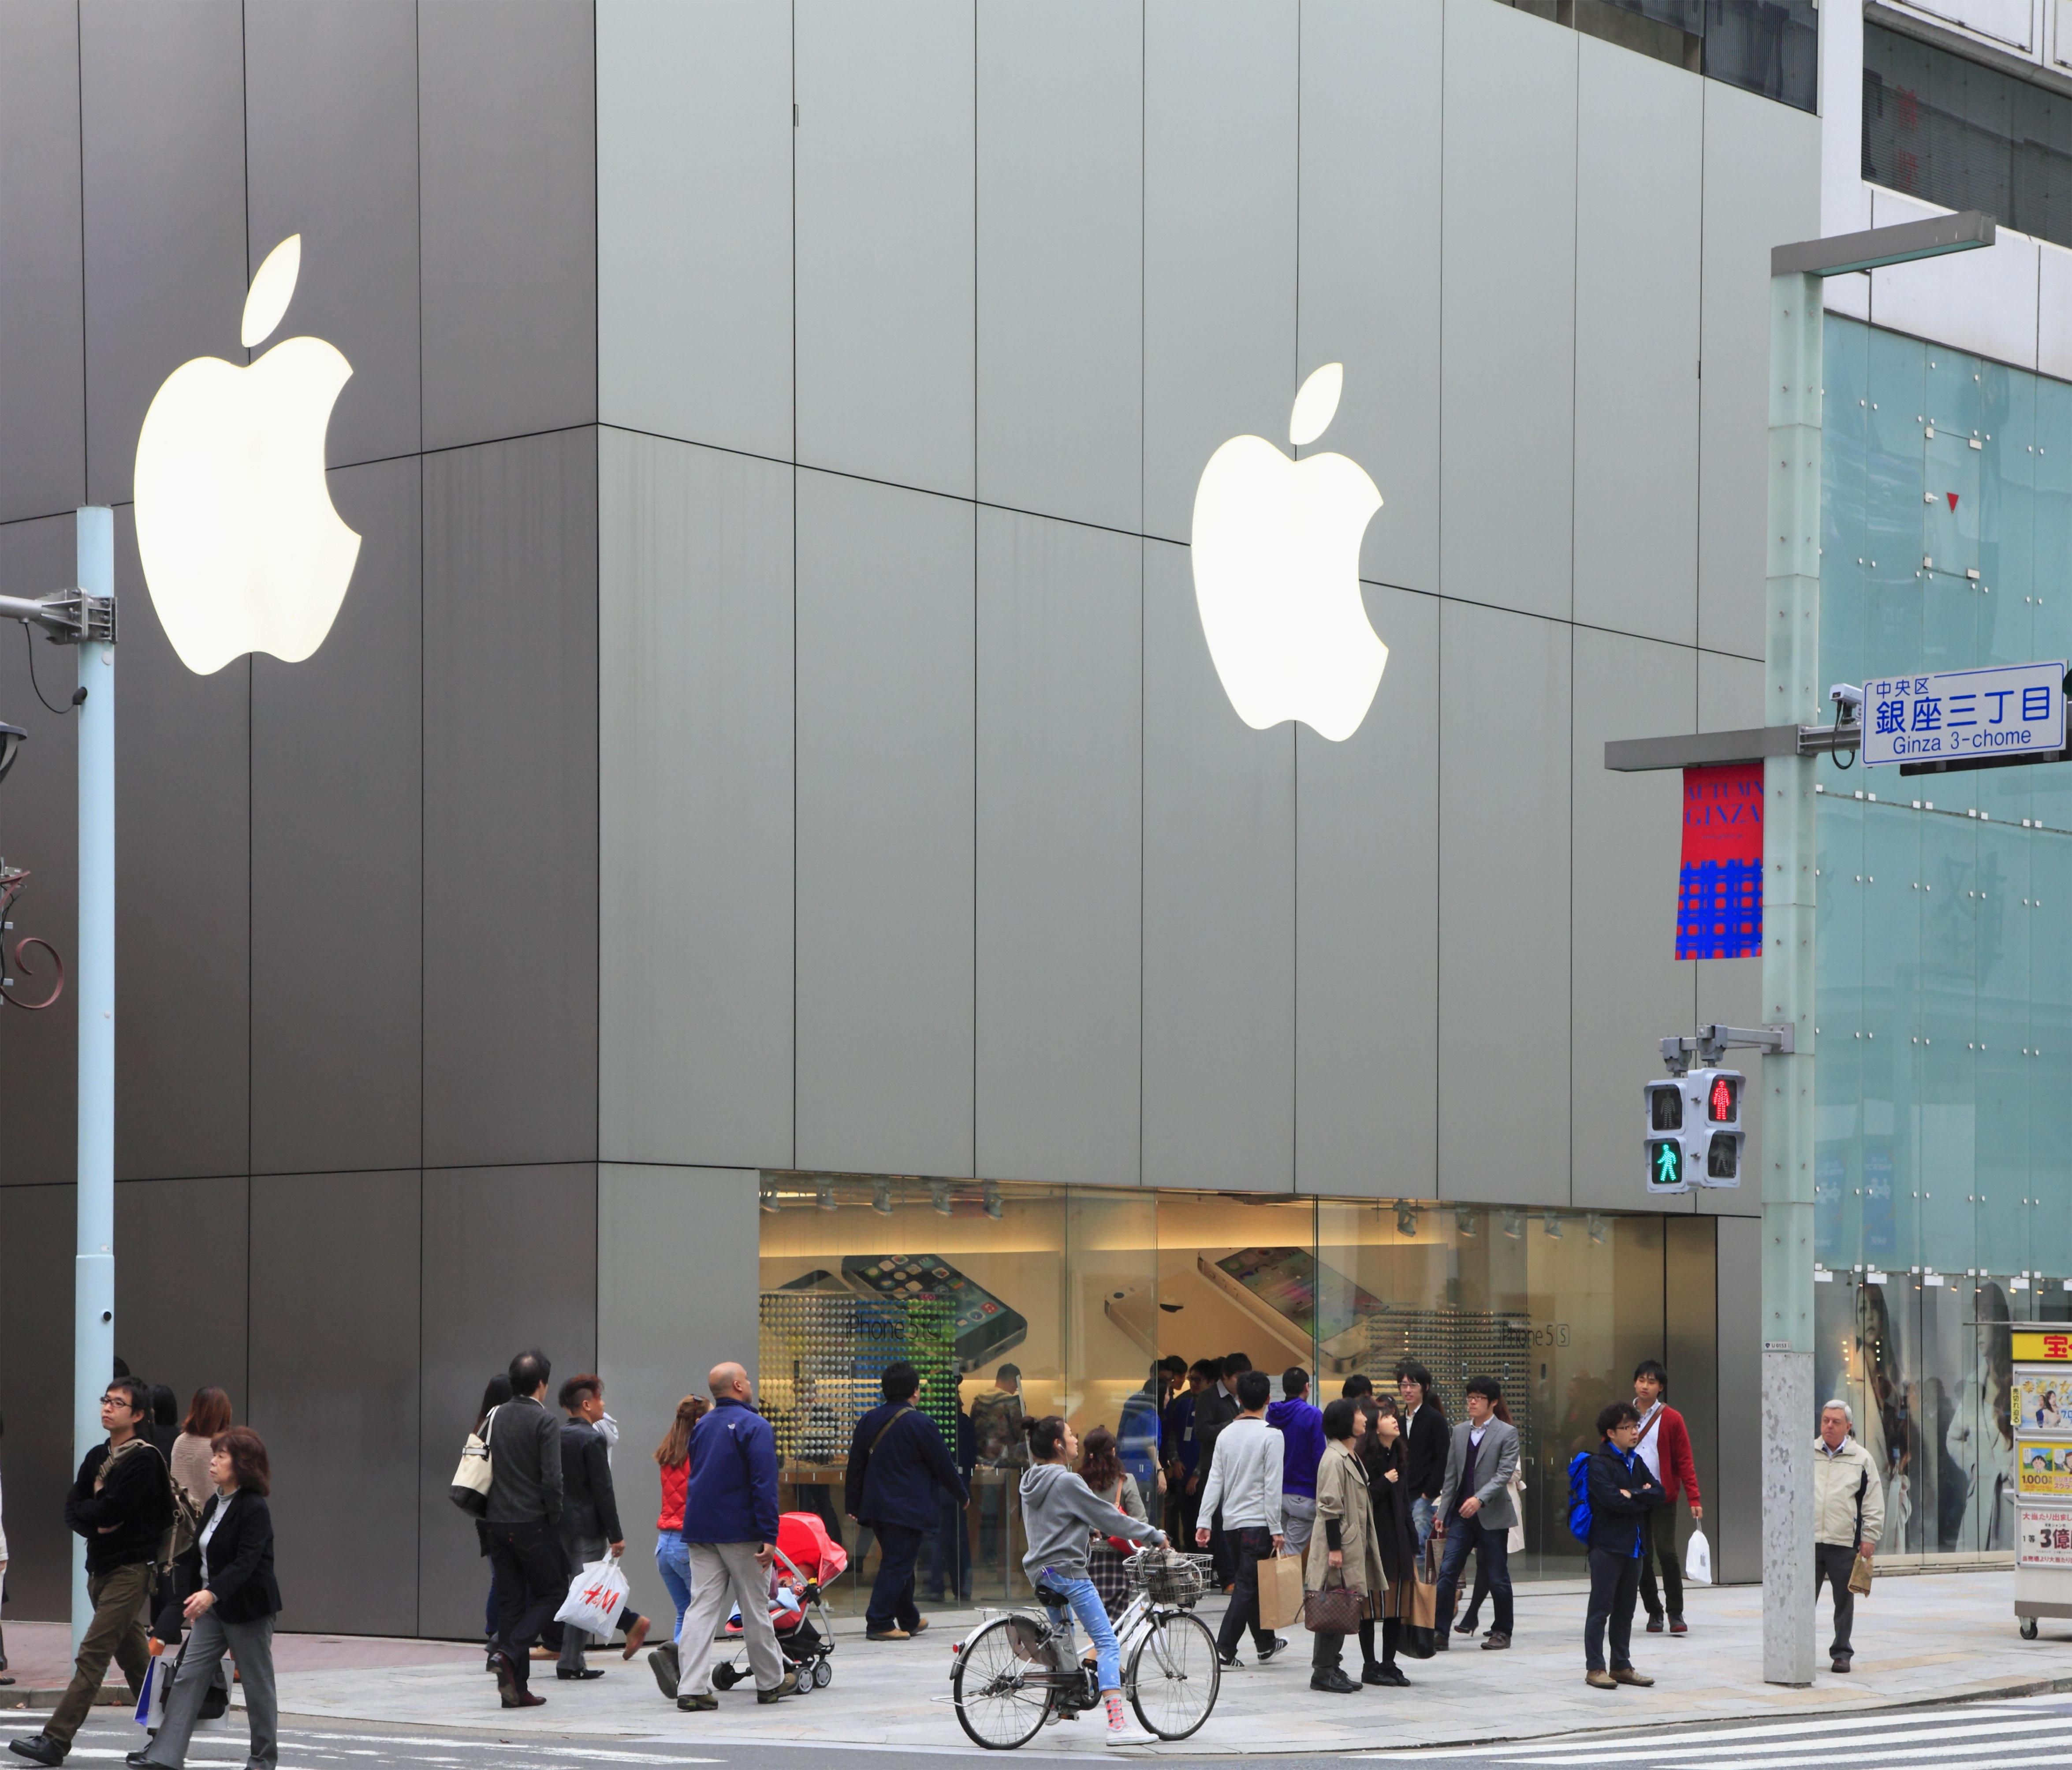 Πως η Apple -που ιδρύθηκε σε ένα γκαράζ- έγινε η πρώτη εταιρία του 1 τρισ.